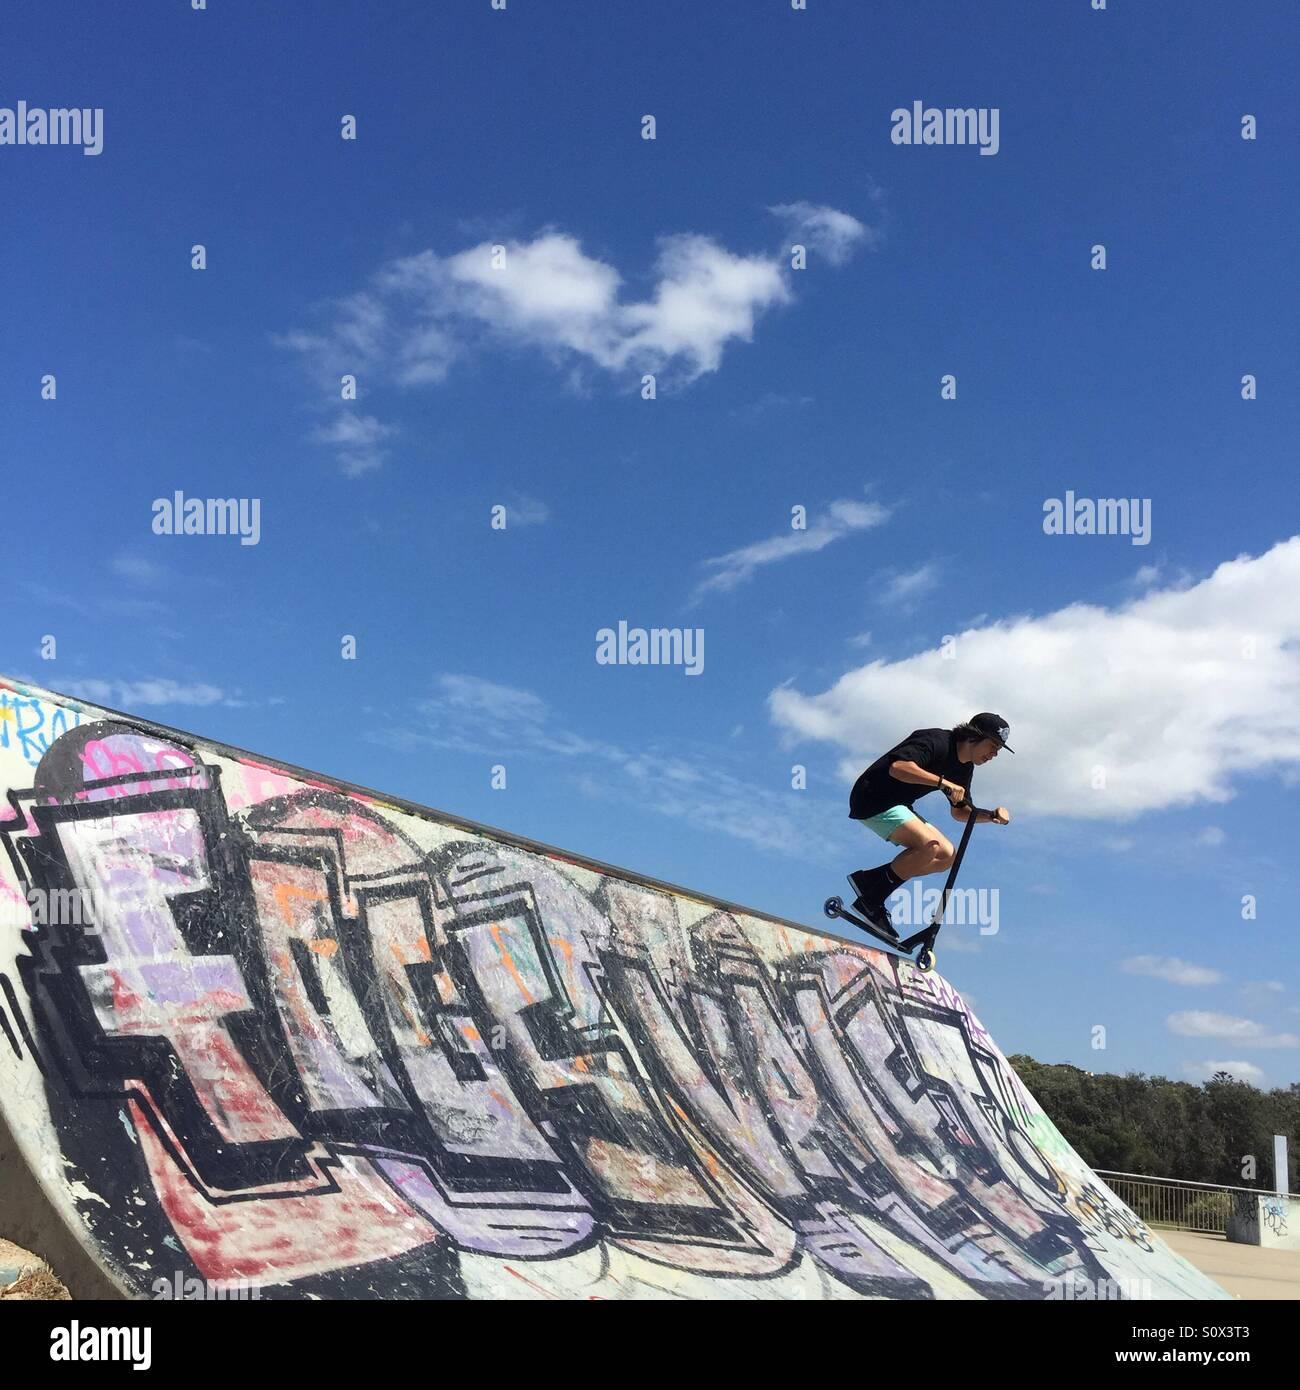 Adolescente caballo scooter en skate park Imagen De Stock